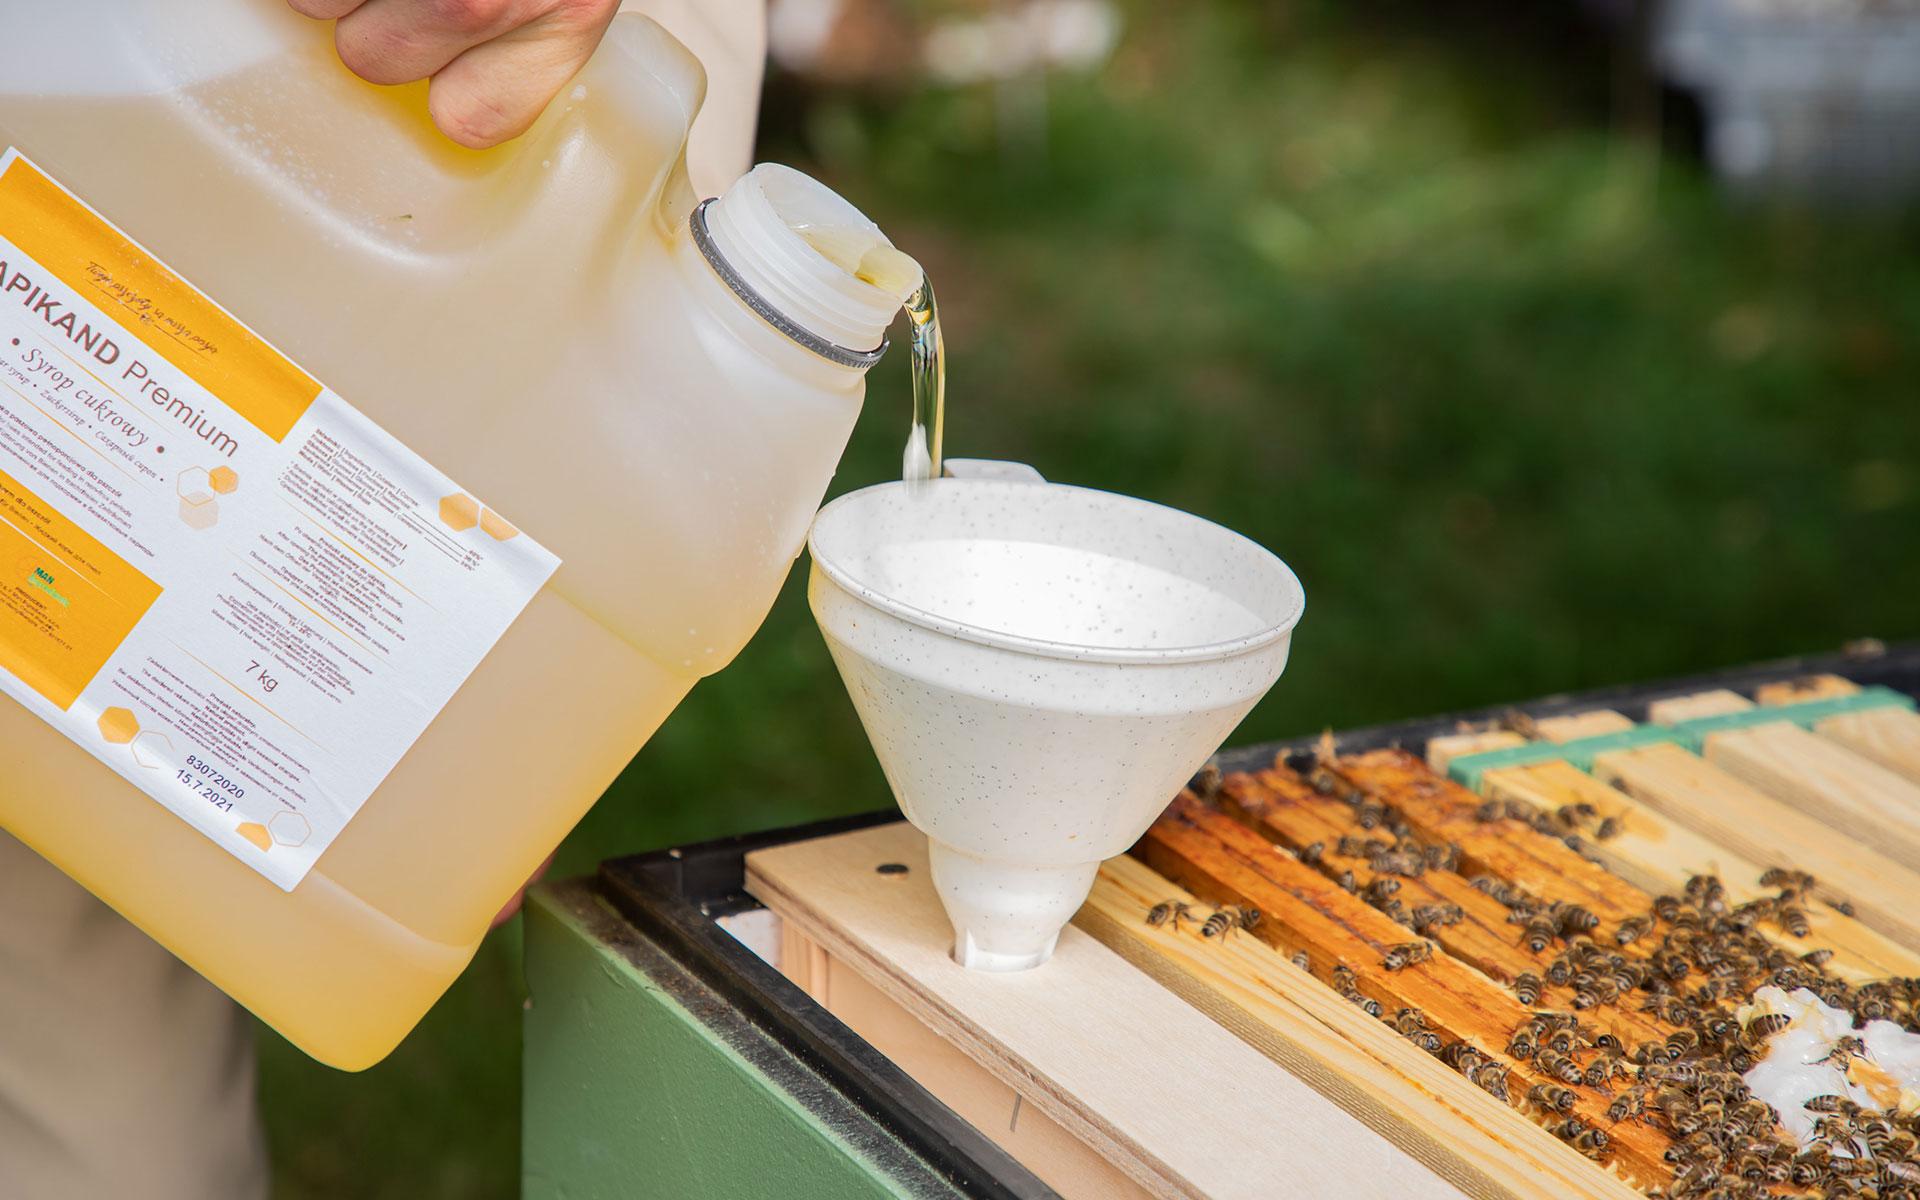 Syrop dla pszczół – gotowe i sprawdzone rozwiązanie